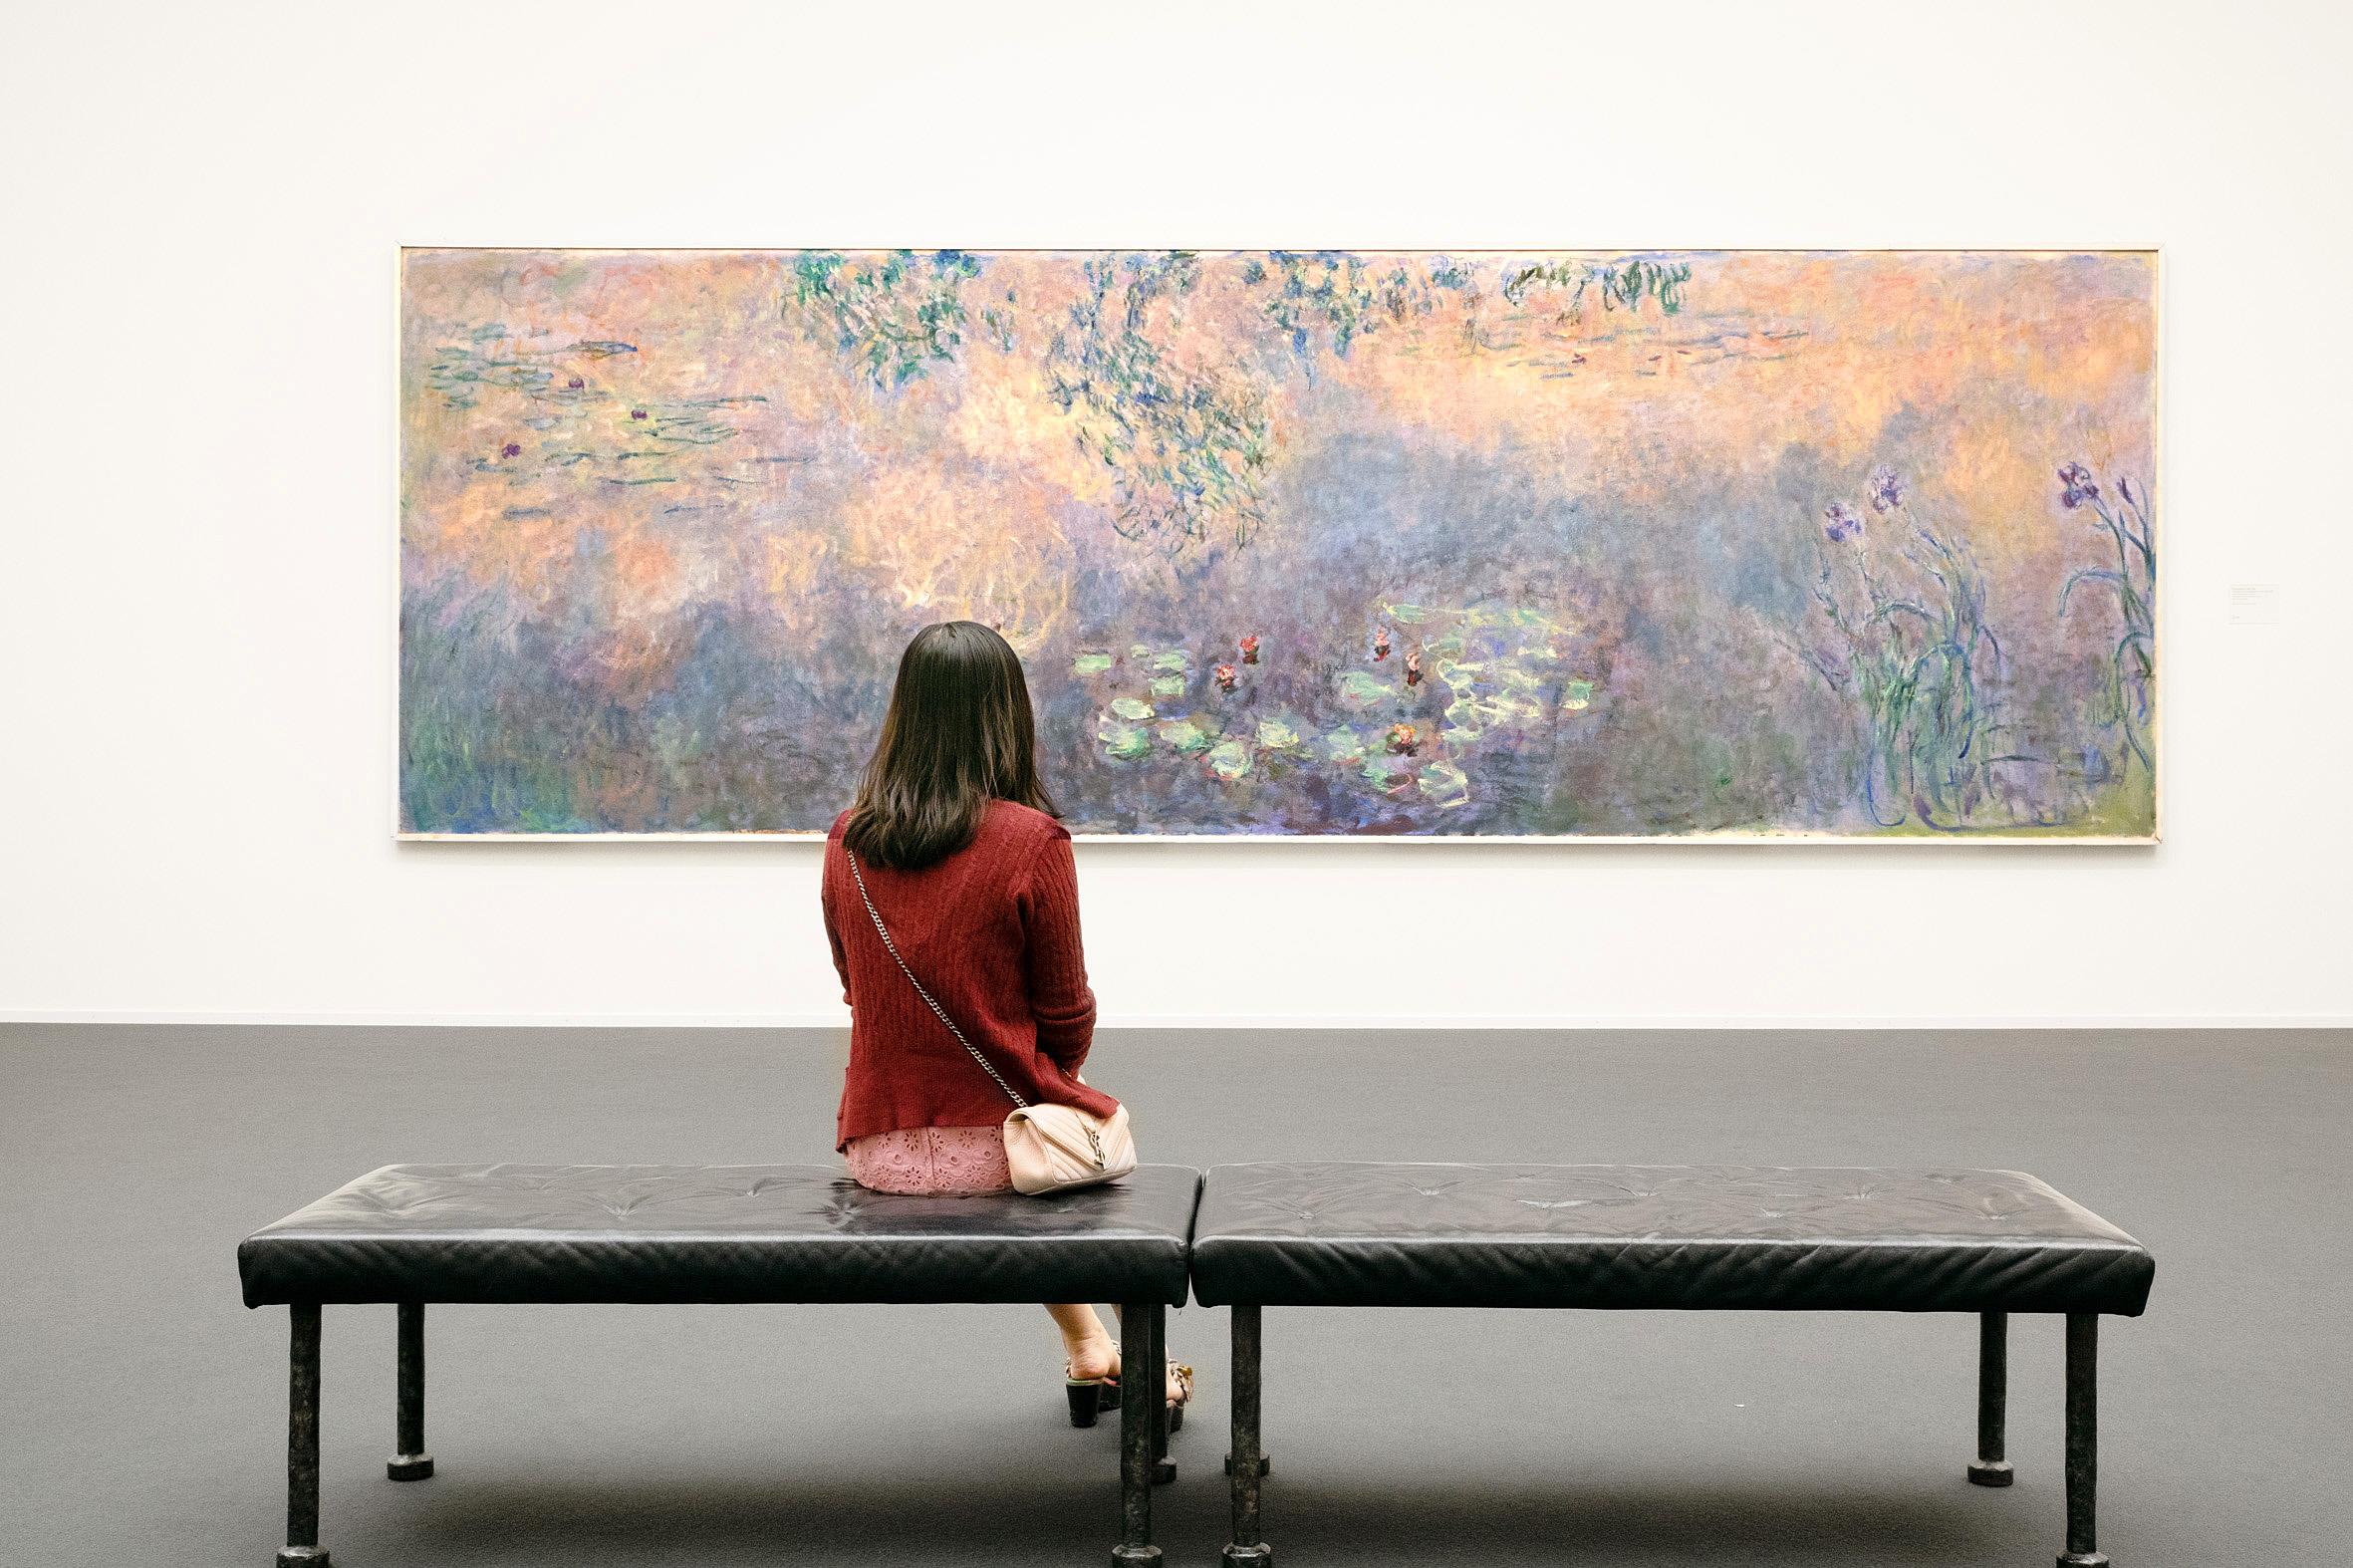 Ein Bild des Impressionisten Monet im Kunsthaus Zürich